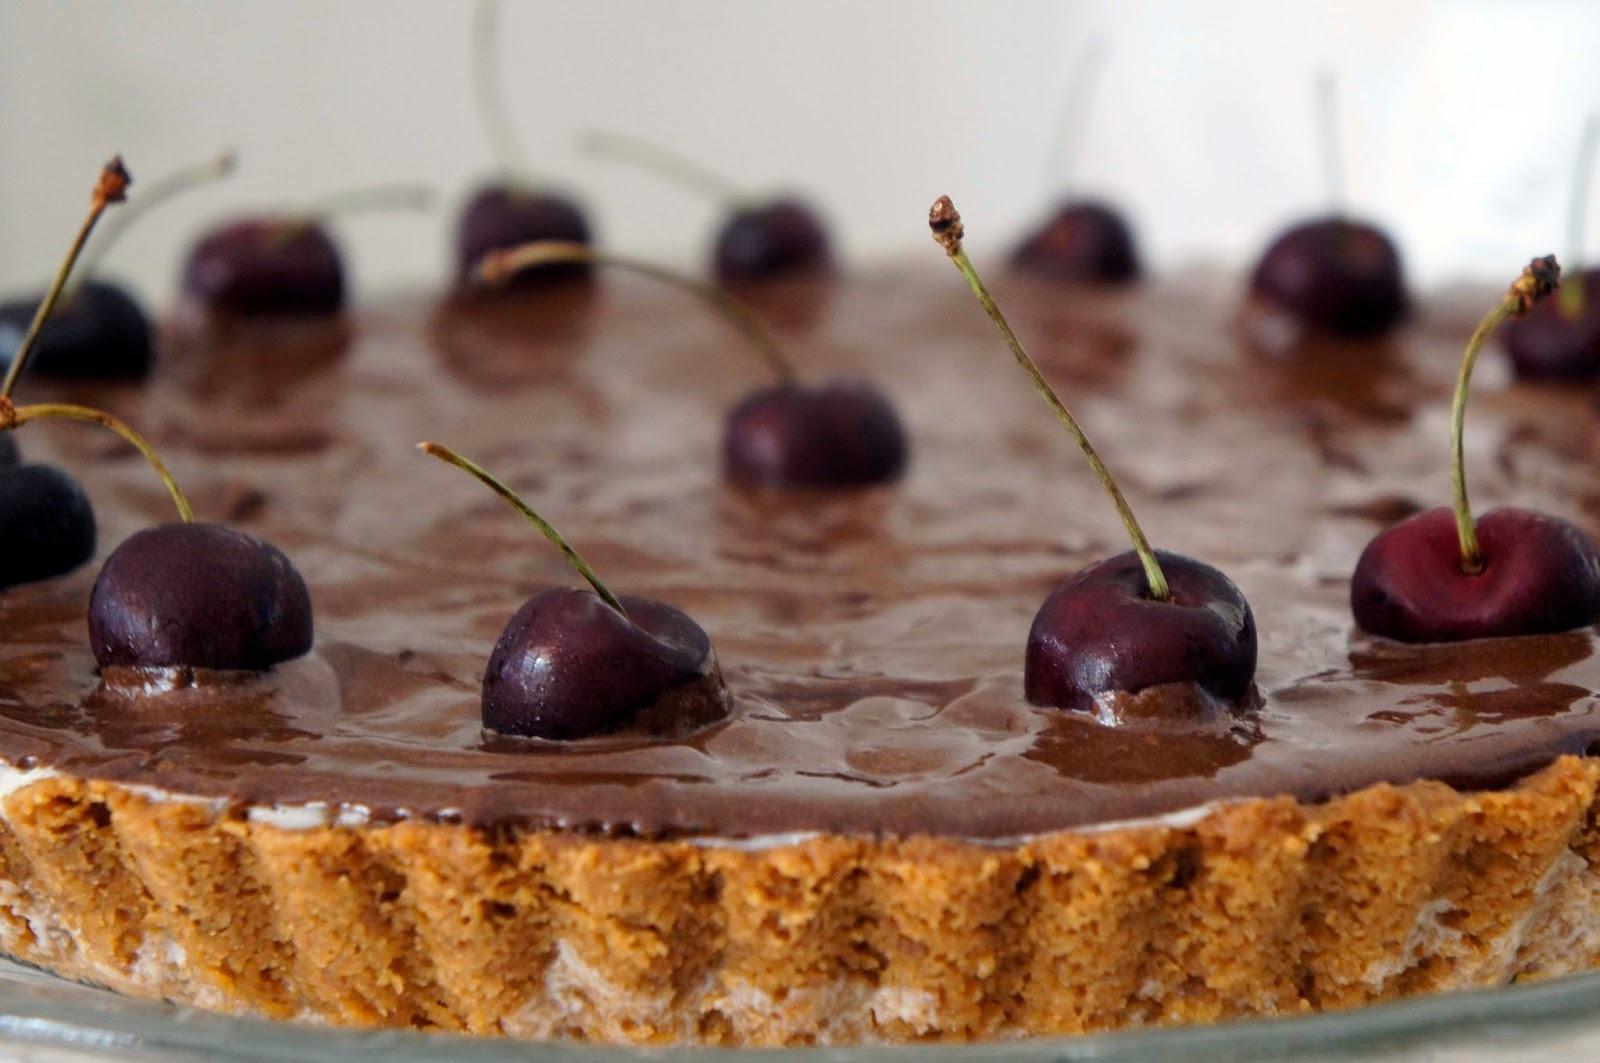 Torta de cerejas frescas (ou outras frutas vermelhas), leite ninho e chocolate meio amargo